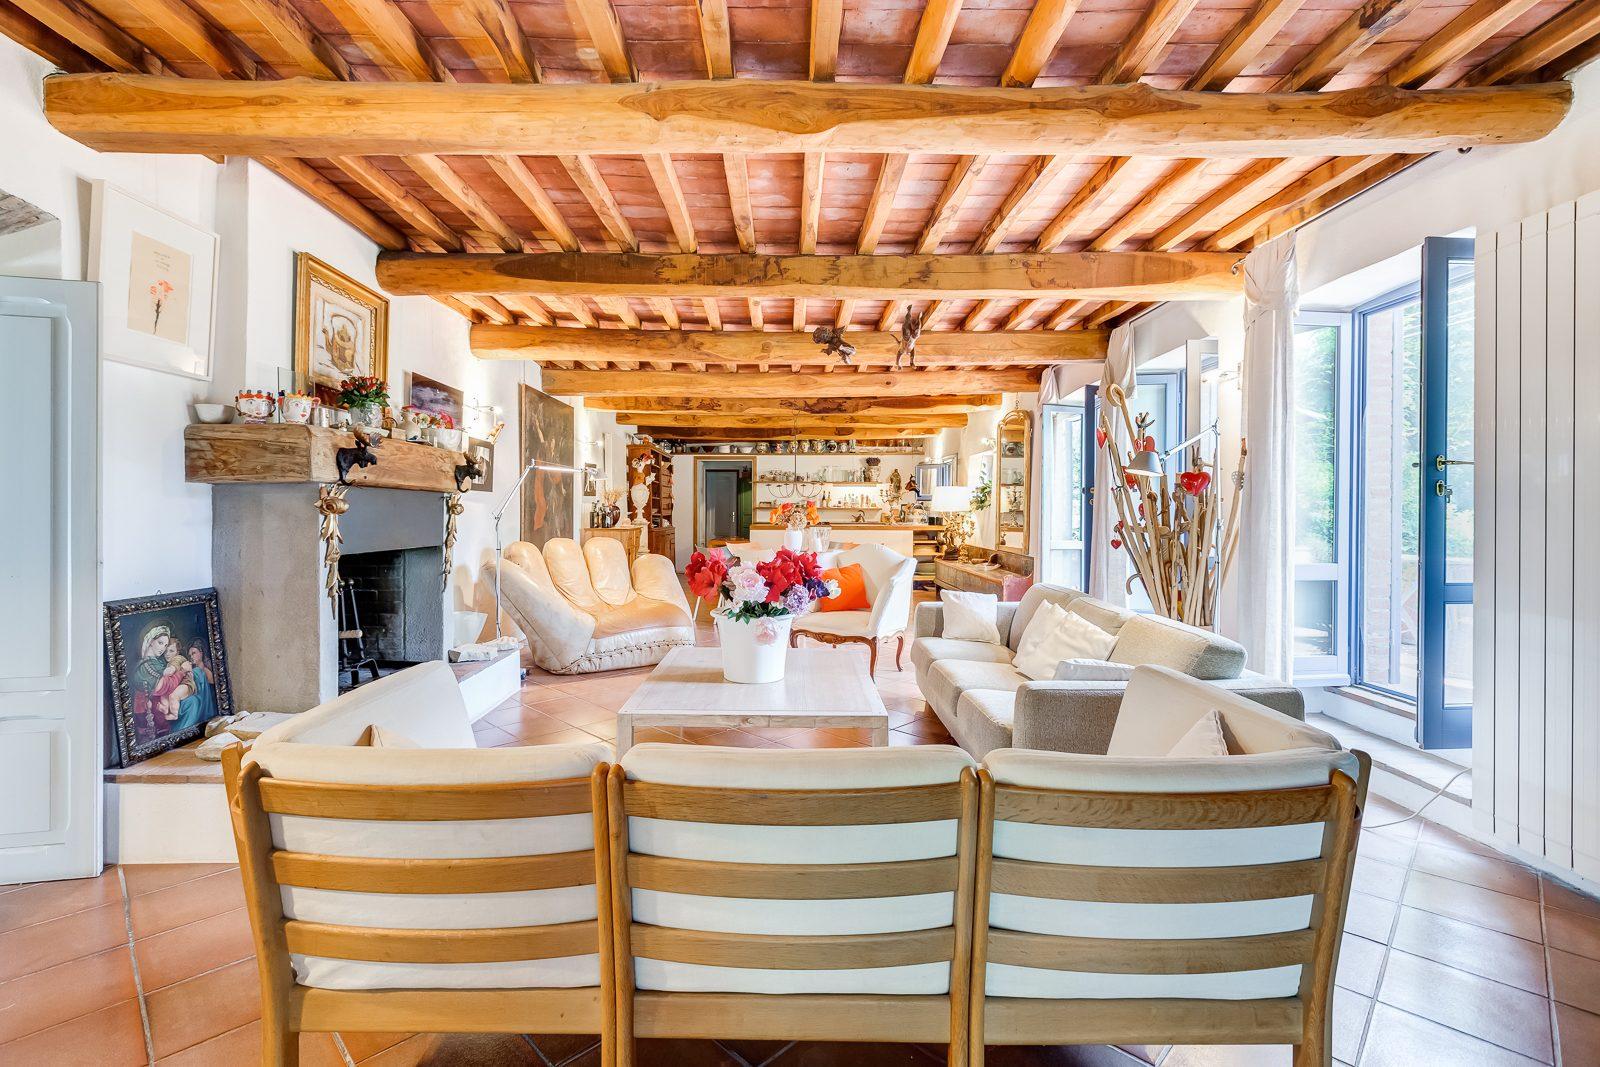 A Porto Ercole, in località Poggio Pertuso, proponiamo in vendita uno splendido casale di 370 mq coperti perfettamente ristrutturato, con vista sulla laguna di Orbetello e circondato da un curatissimo parco di oltre 7.000 mq.